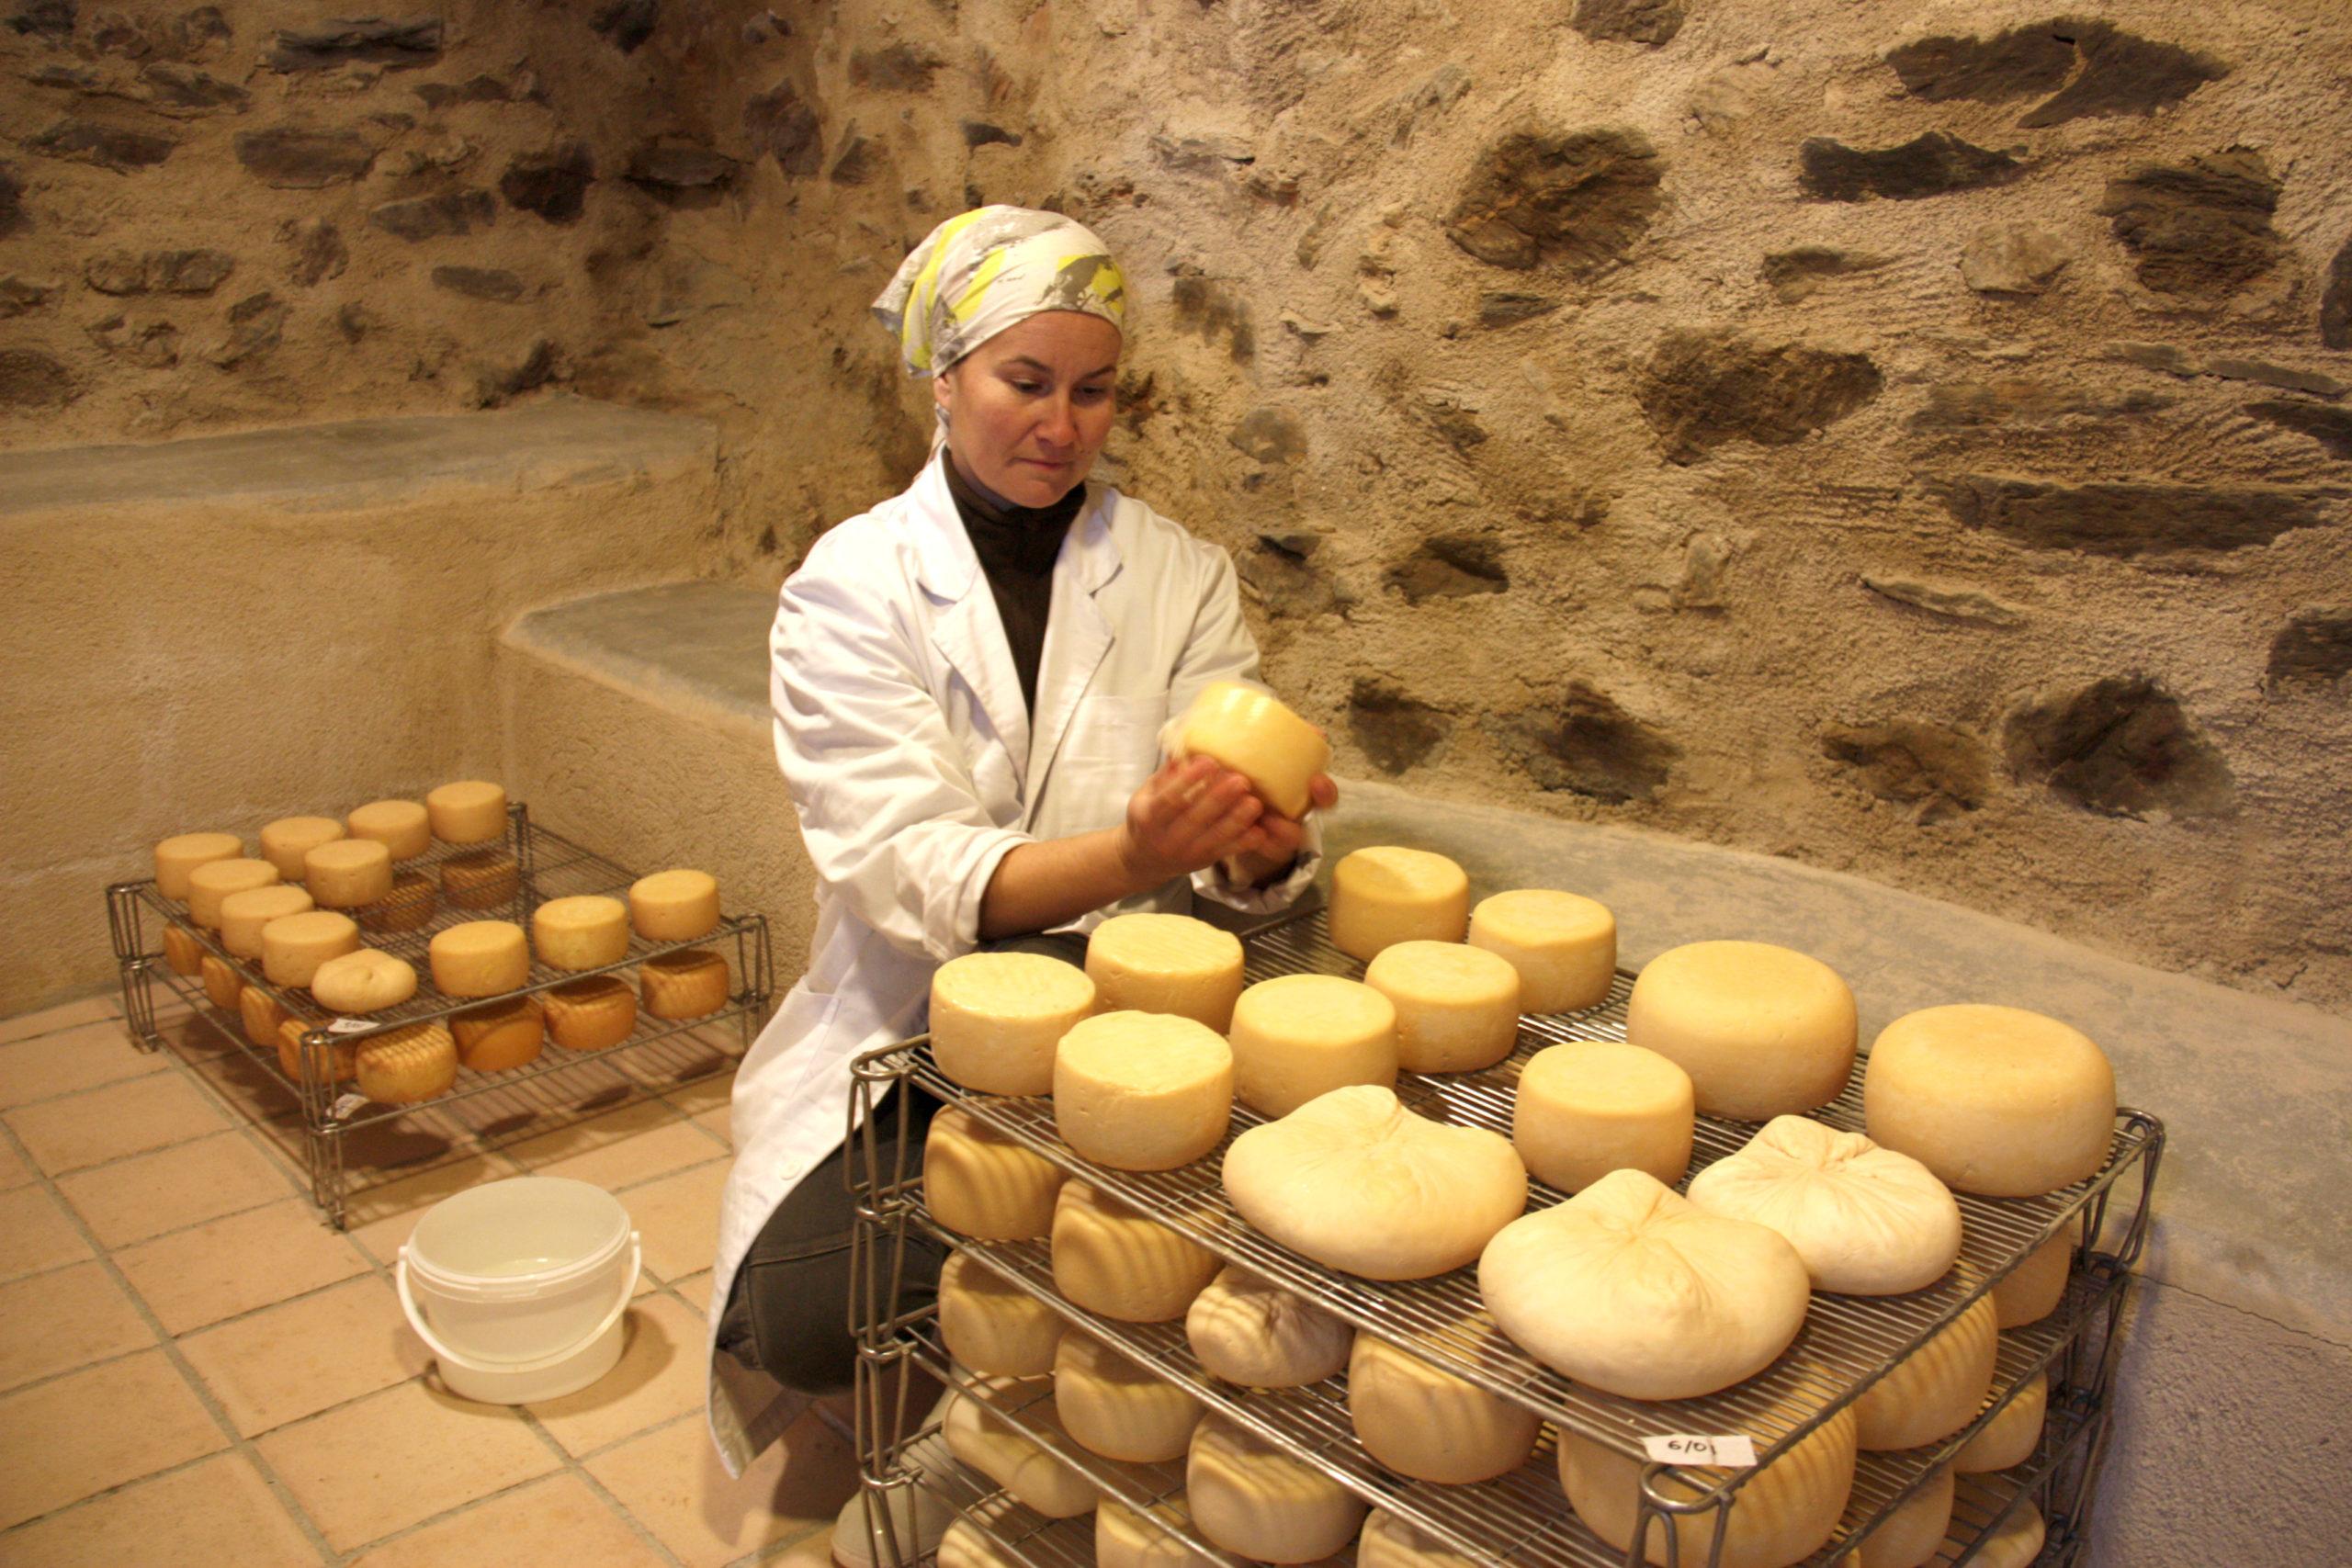 La Sara Gutiérrez, rentant formatges que estan madurant molt a prop del seu ramat de cabres a Éller, a Bellver de Cerdanya | ACN